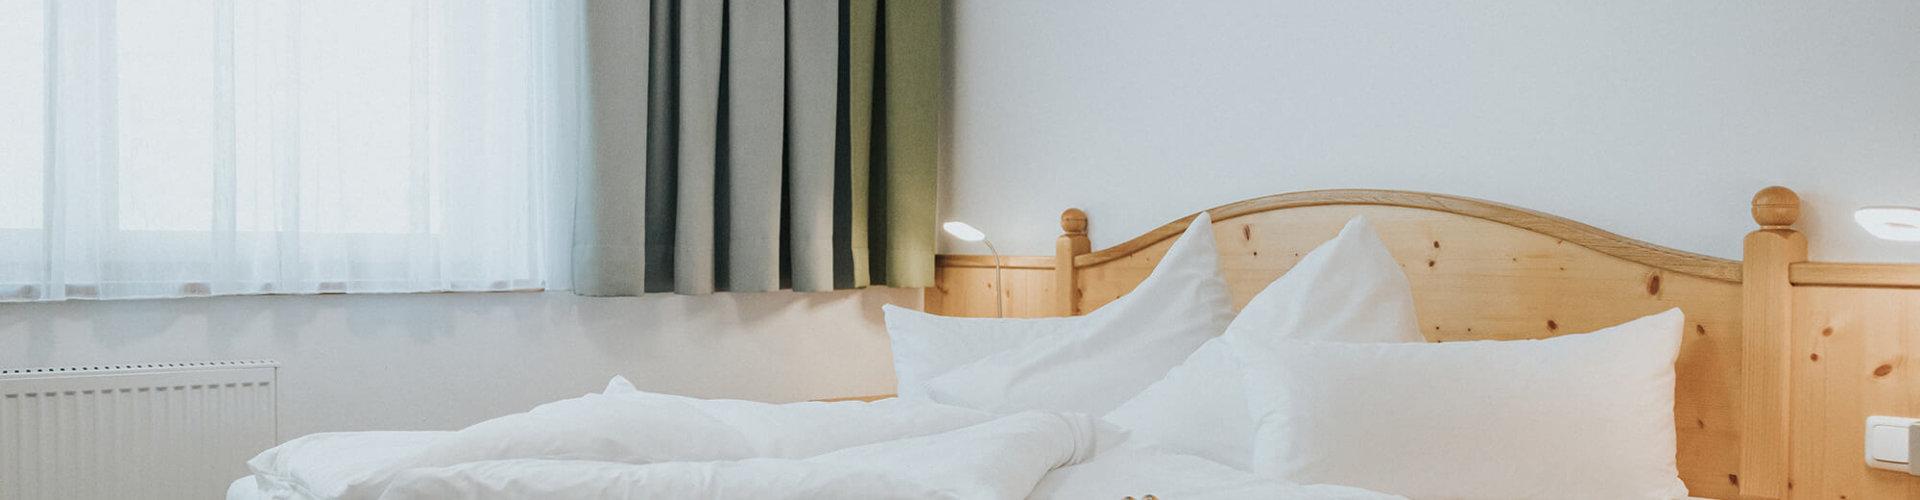 Waldblick-Doppelzimmer Bett mit Fenster